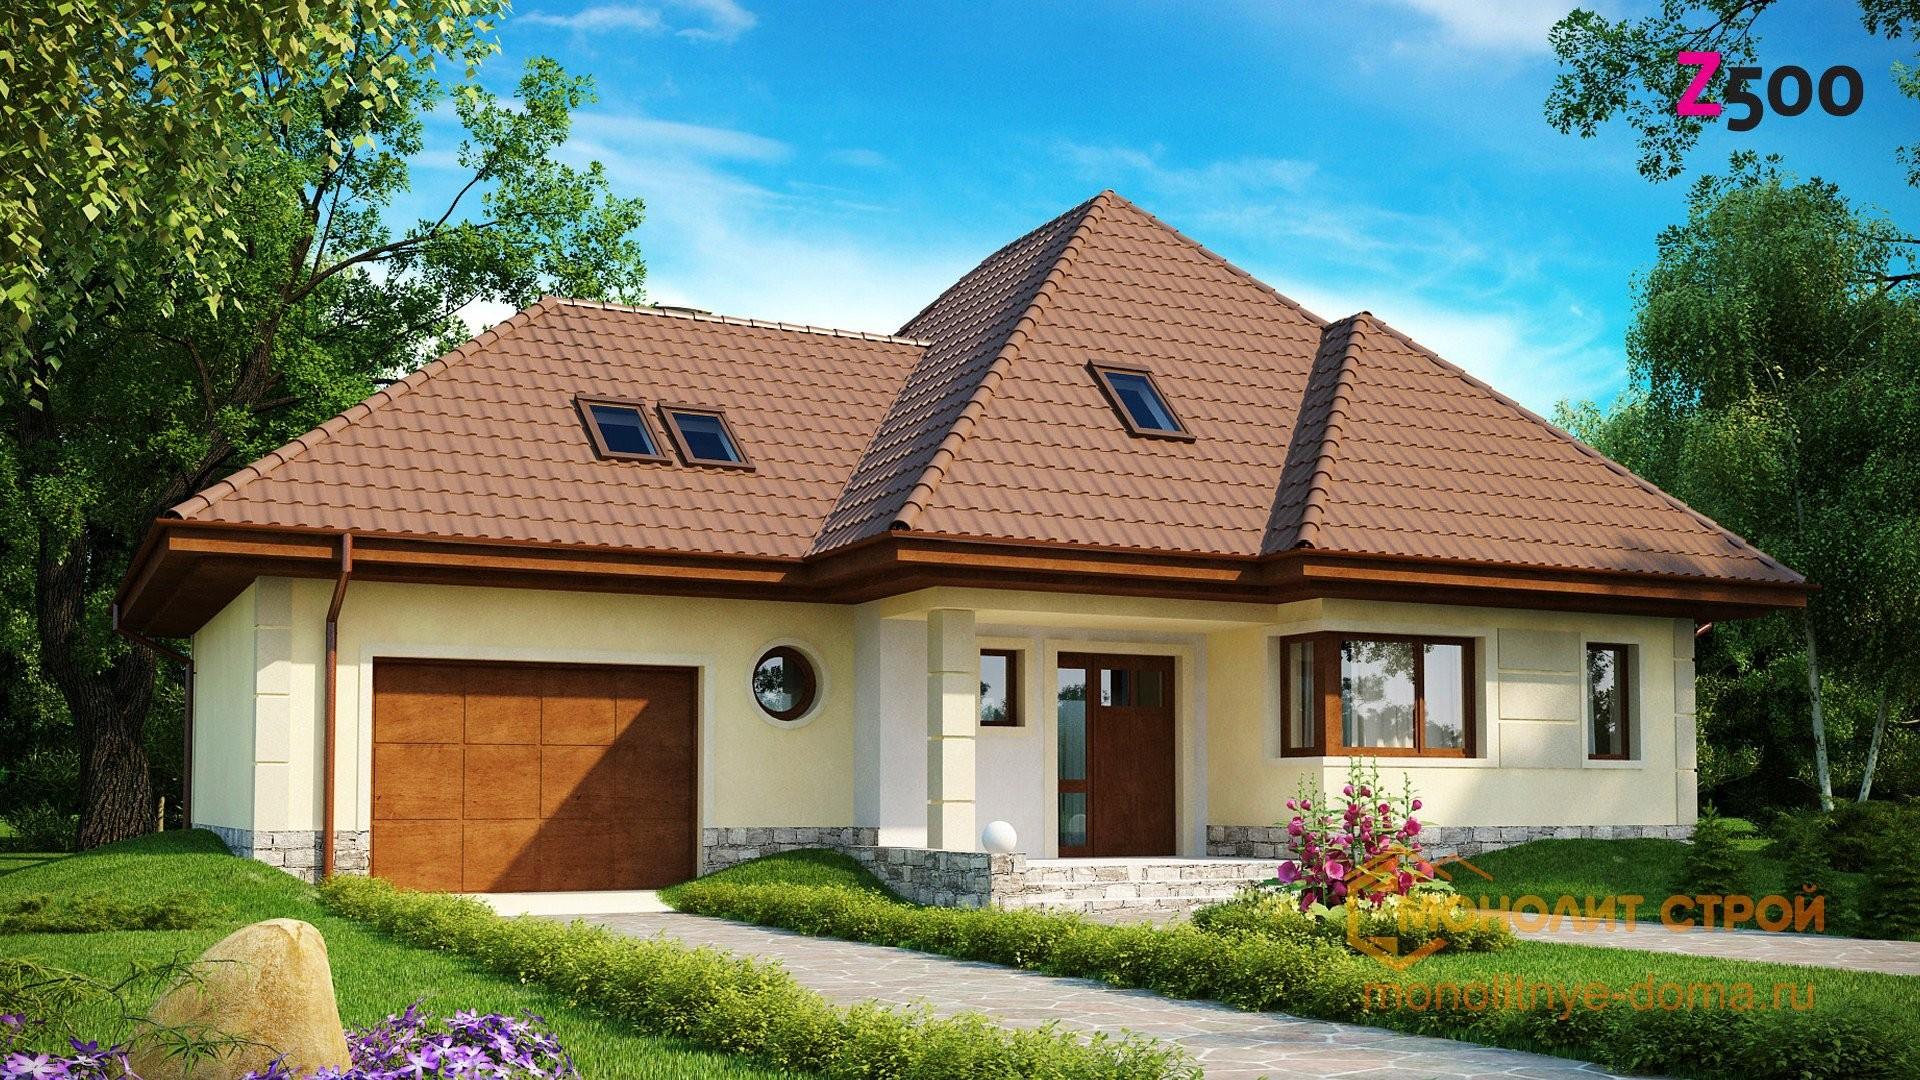 Количество керамзита в керамзитобетона аренда шлифовальной машины по бетону в москве цена